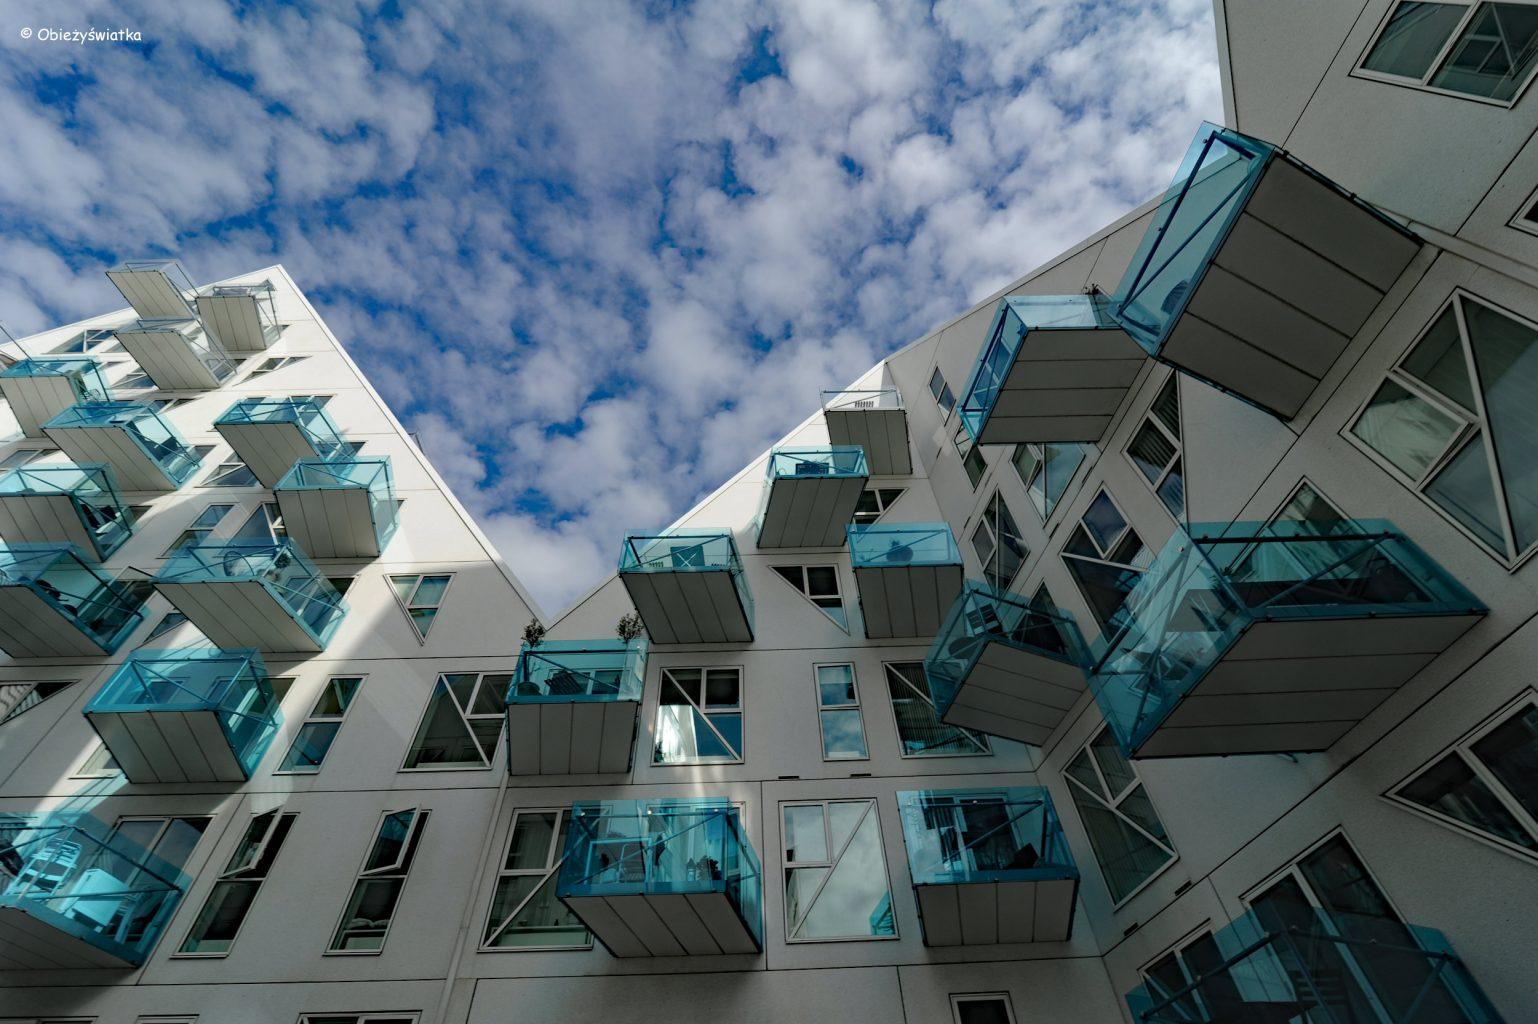 Isbjerget, widok z podwórza, Aarhus, Dania